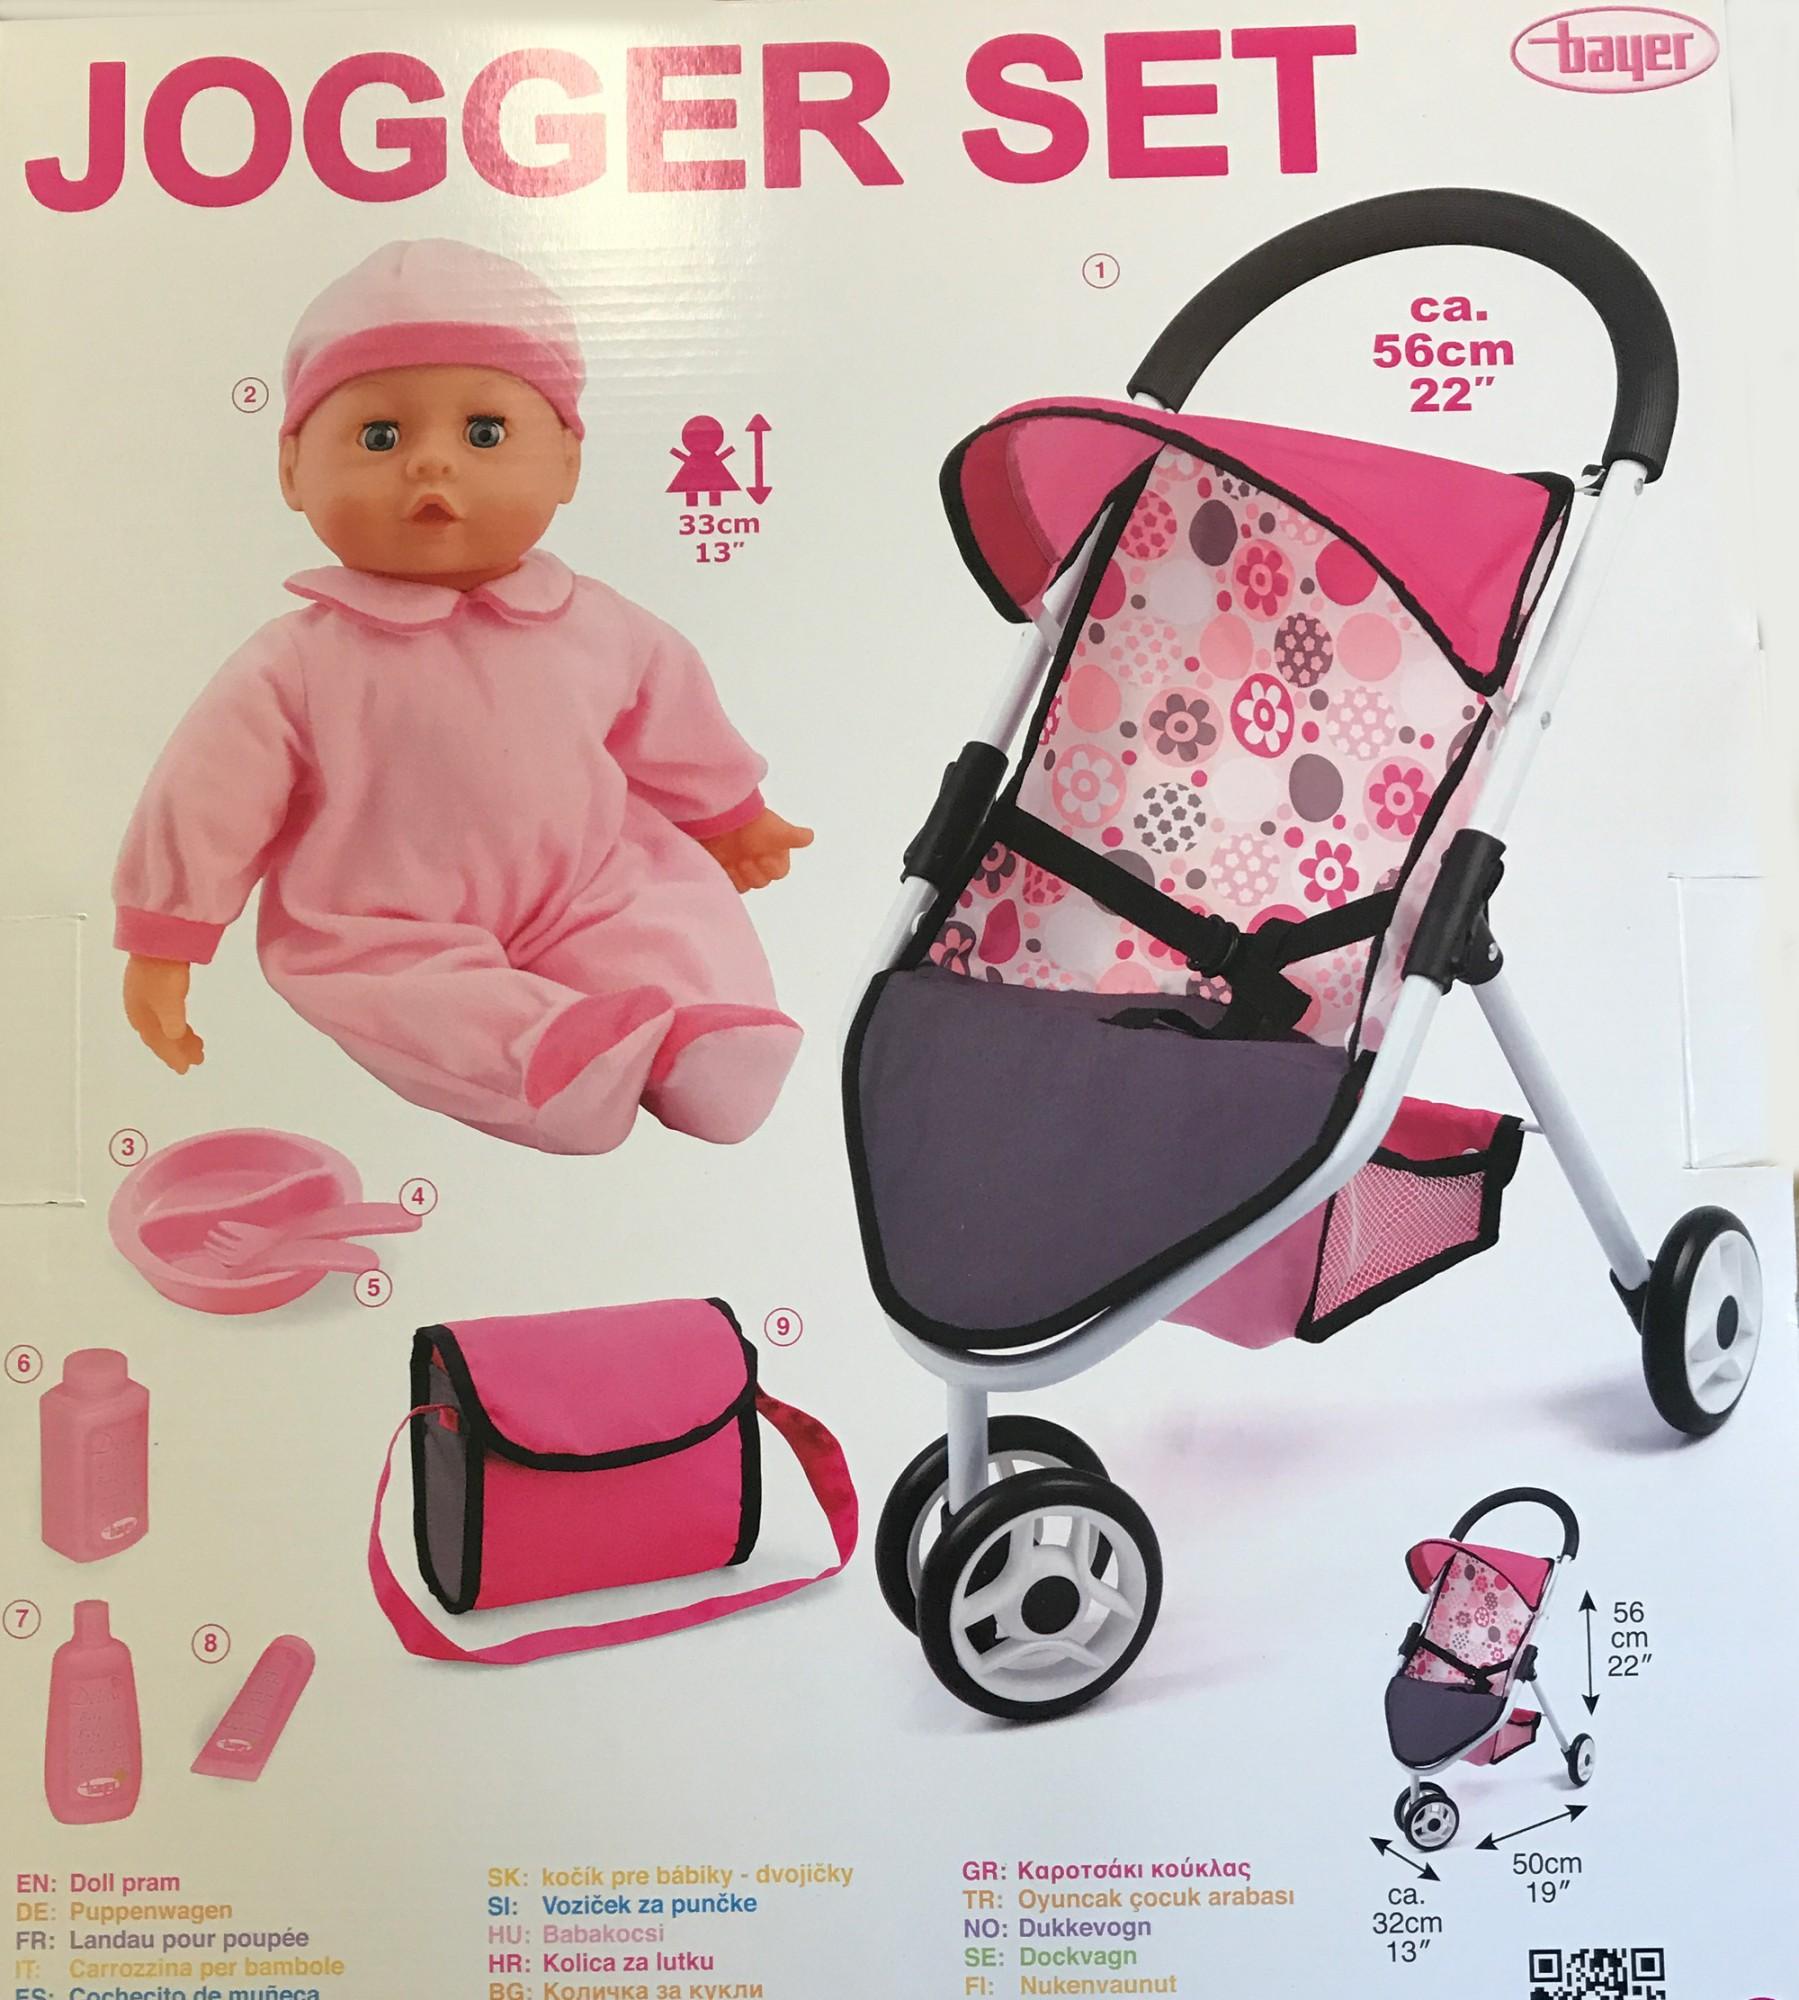 puppenwagen mit puppe bayer chic jogger set buggy mit puppe spielzeug puppenwagen. Black Bedroom Furniture Sets. Home Design Ideas